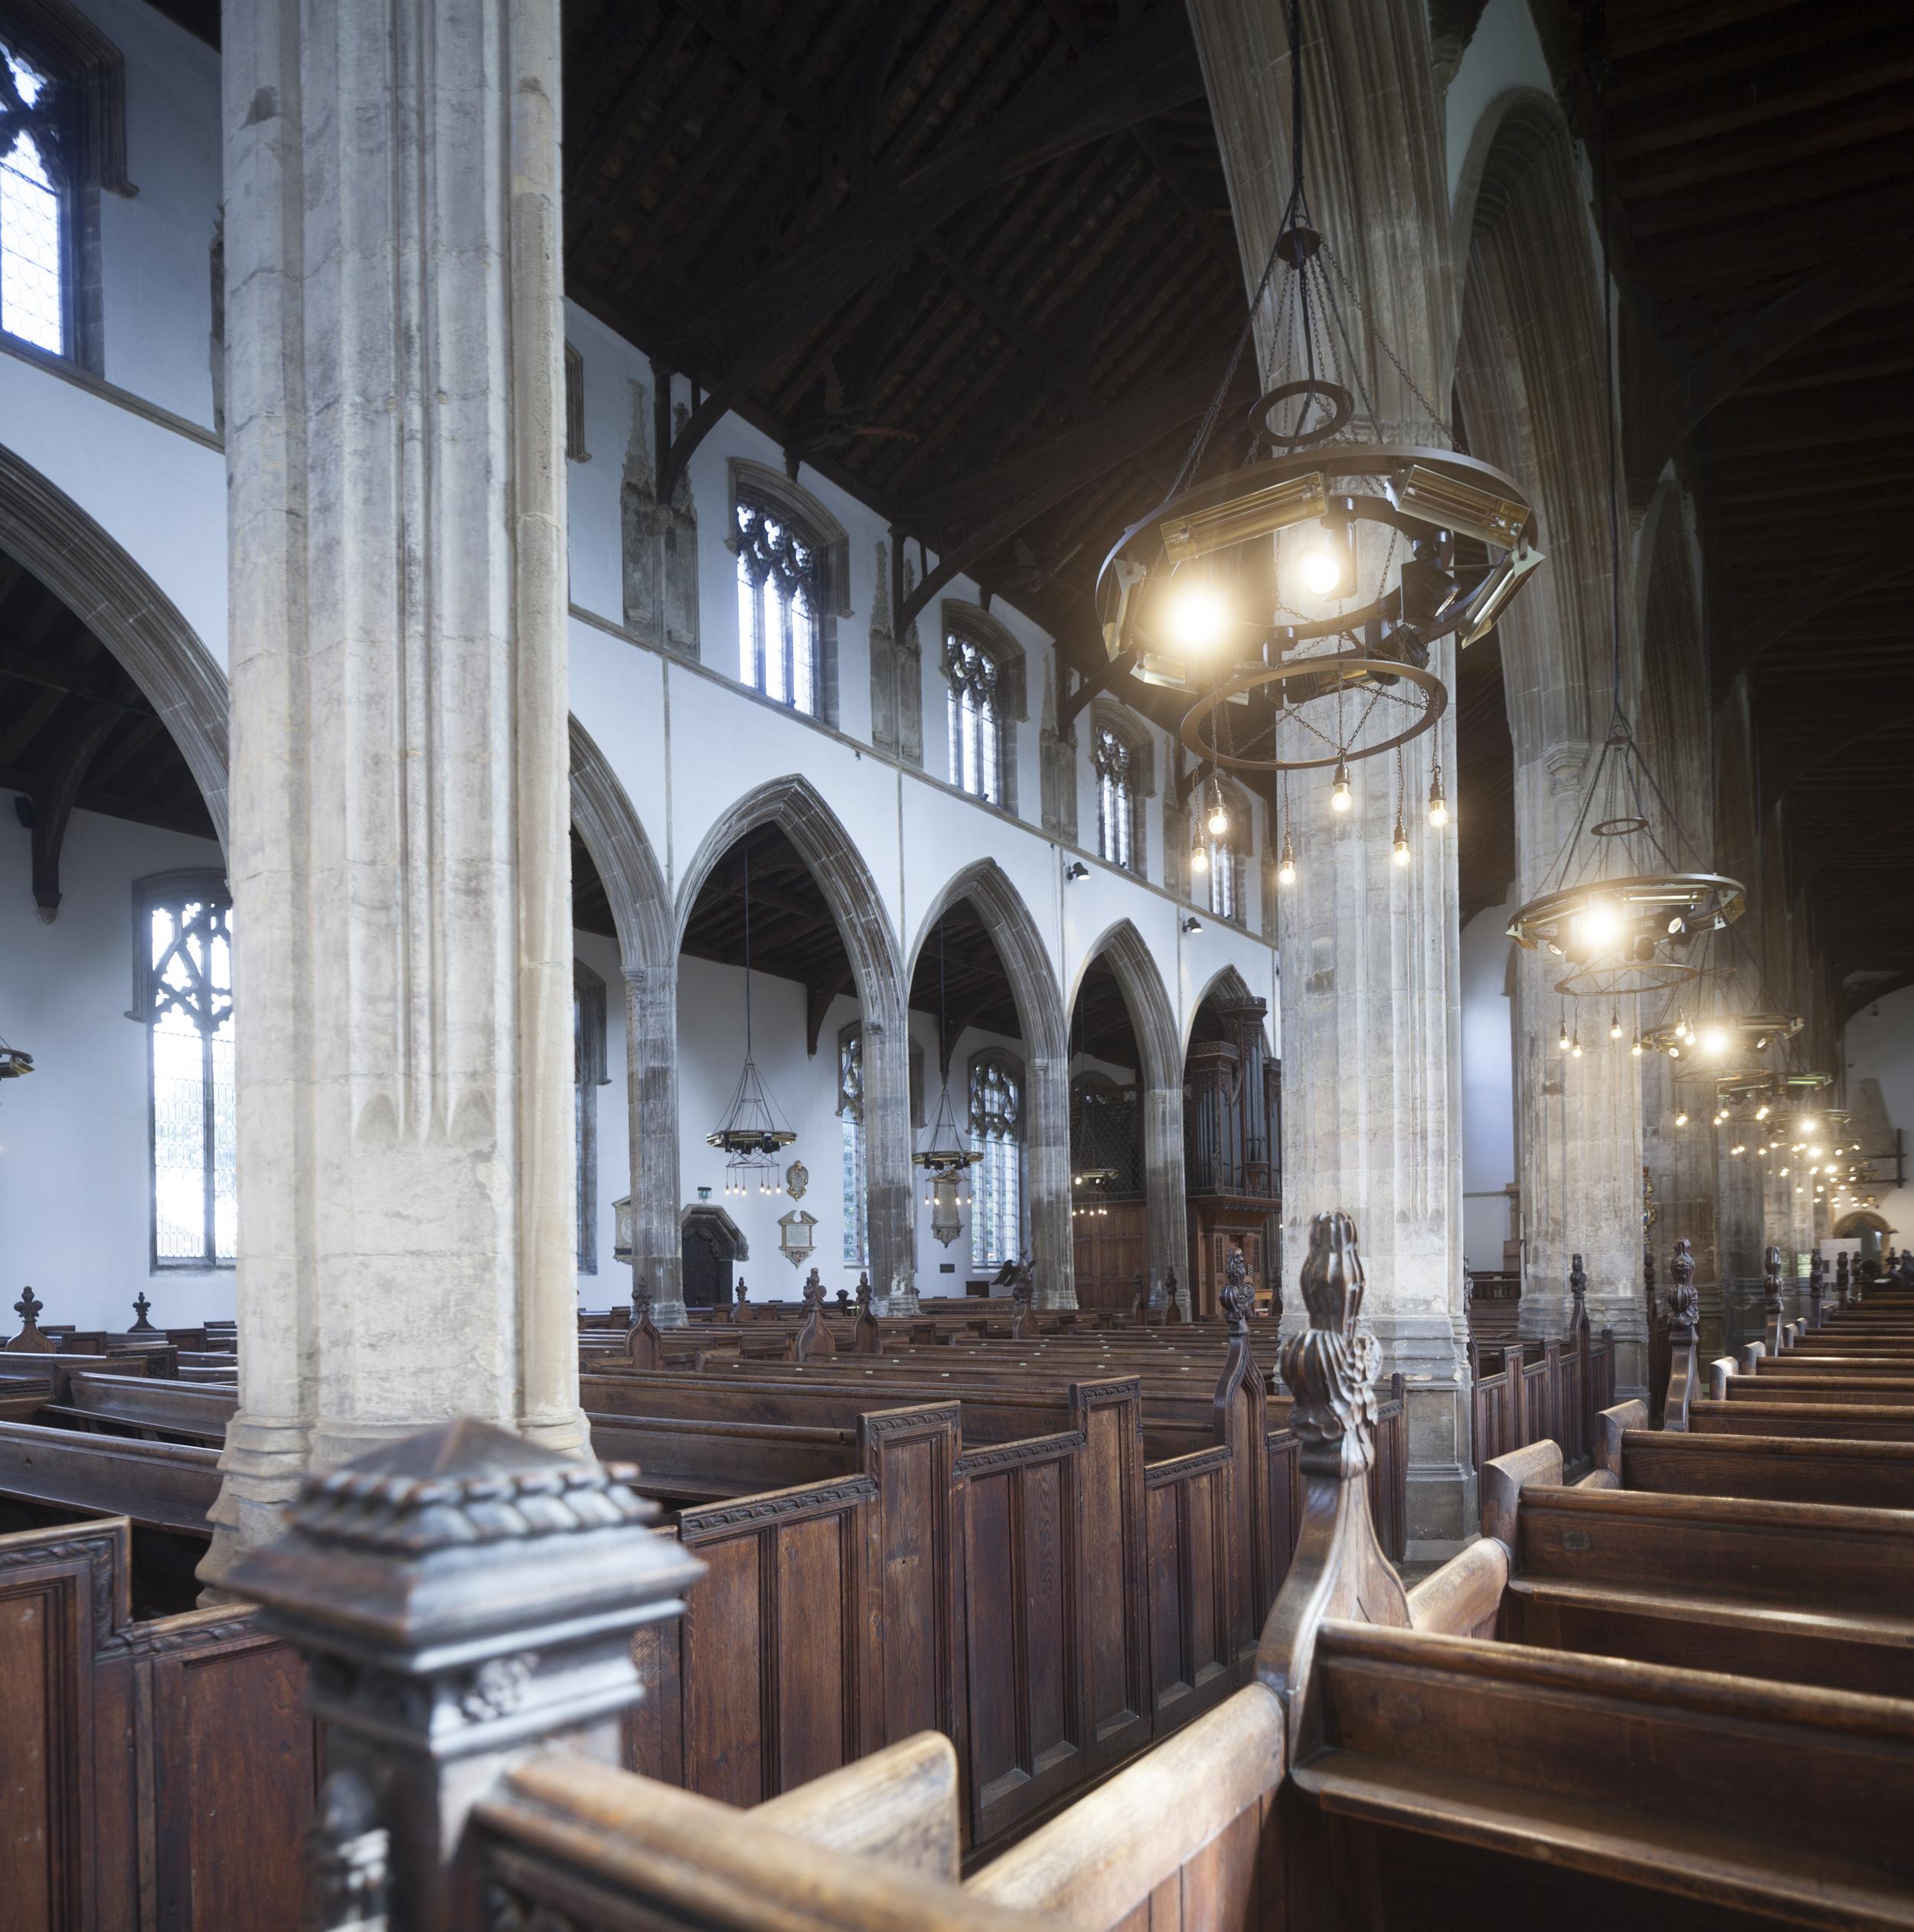 Saint Nicholas Kings Lynn 05.jpg